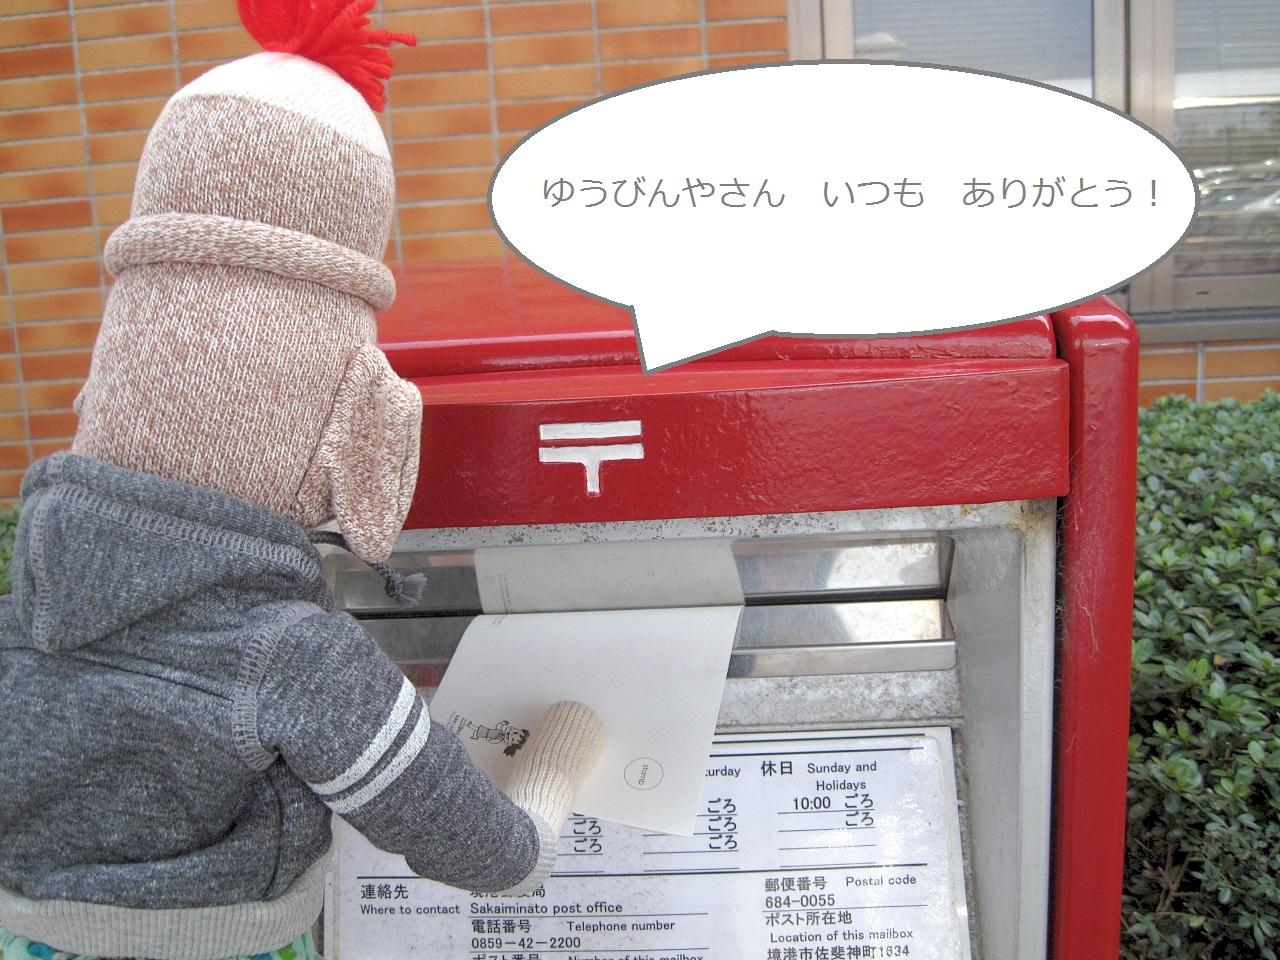 【空港情報】郵便ポストこちらにあります!!